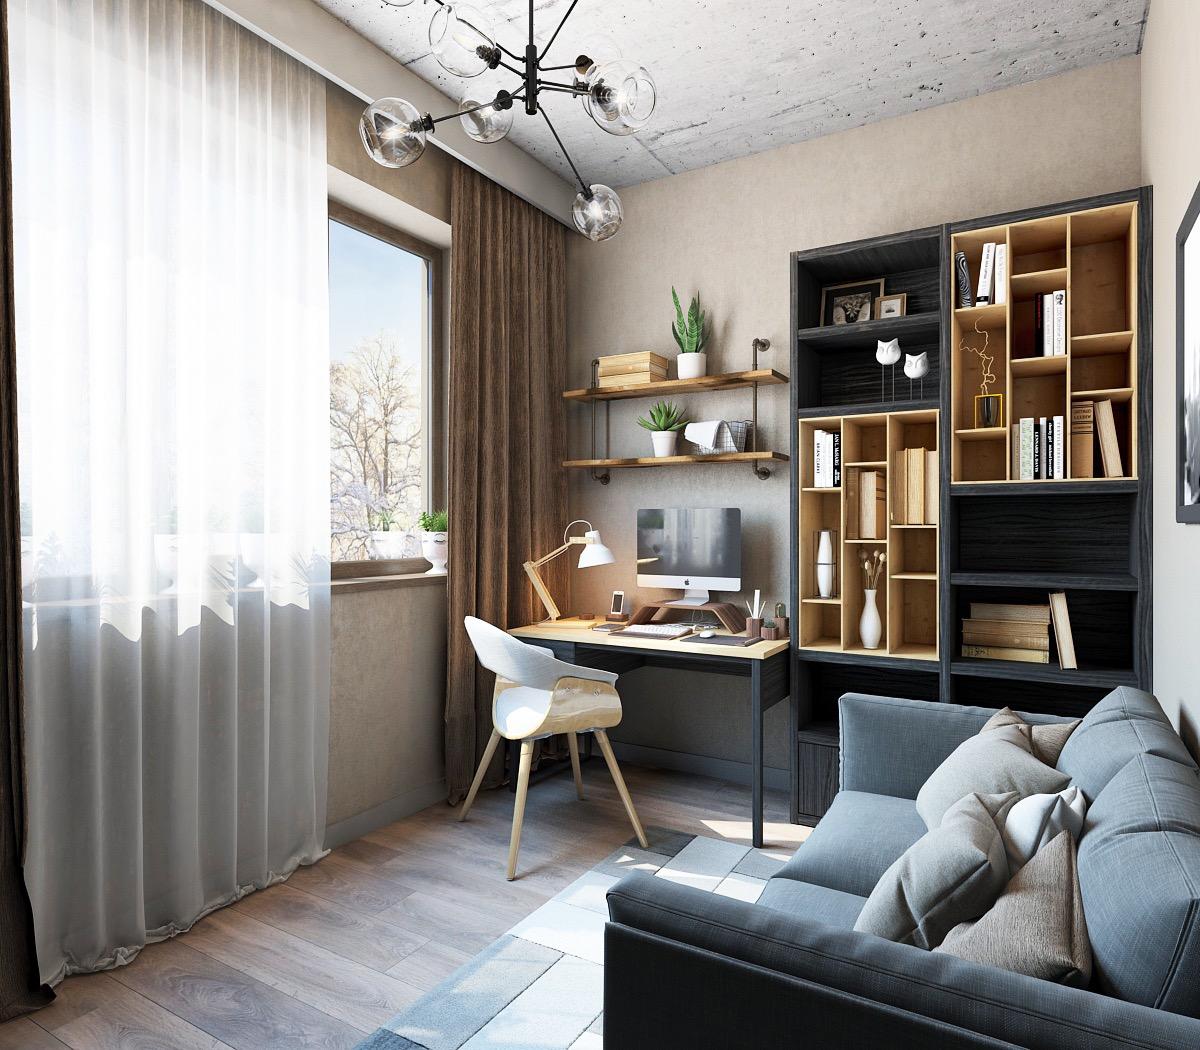 desain ruang kerja minimalis%2B11